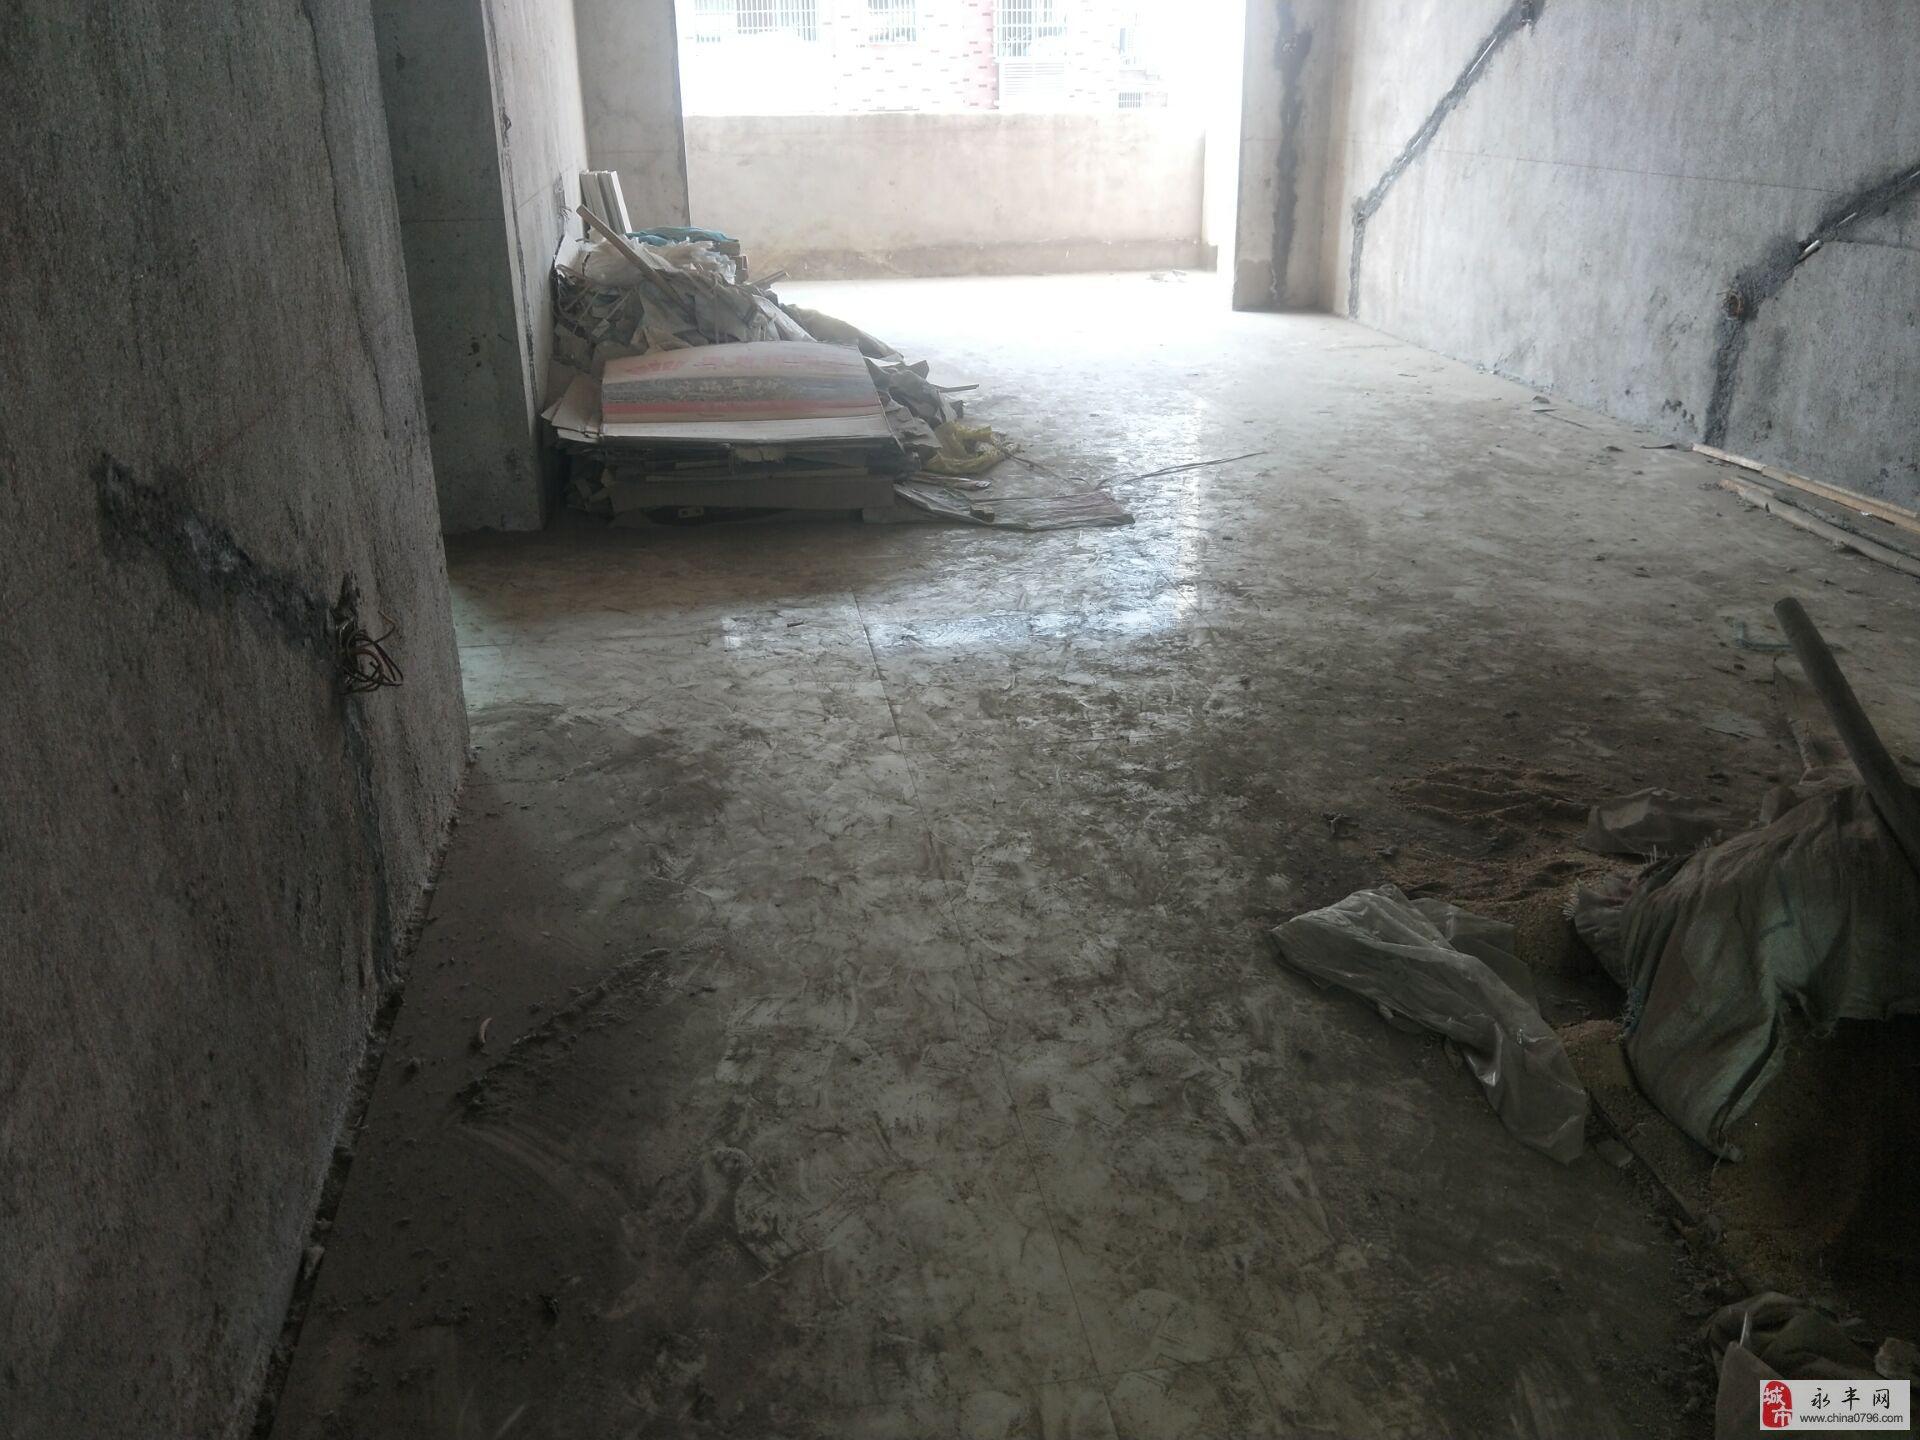 金田鑫城3室2厅1卫113万元带杂物间